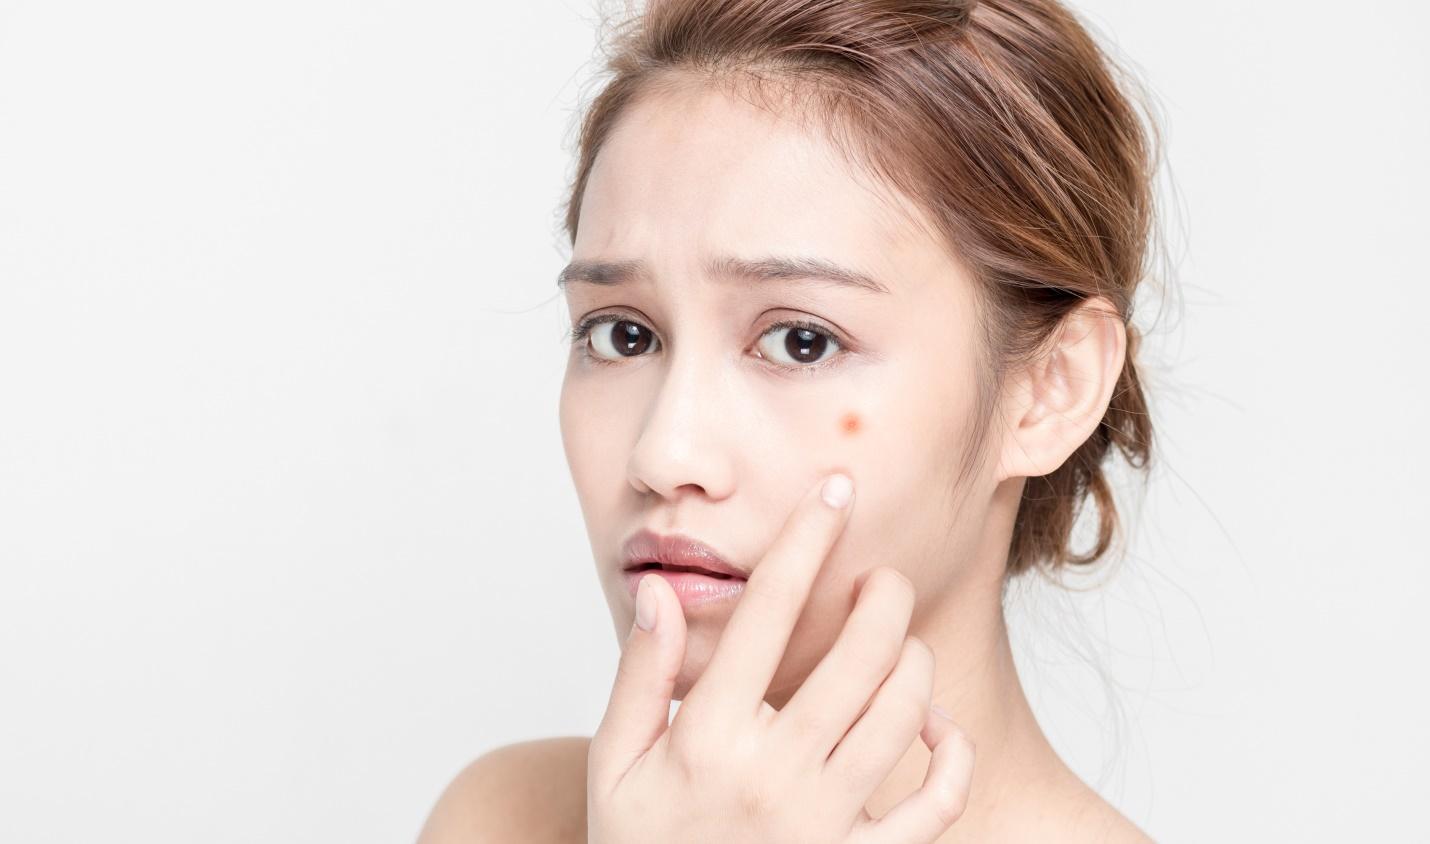 Sau khi nặn mụn có nên chườm đá không? Mẹo chăm sóc da sau nặn mụn không bị thâm 11